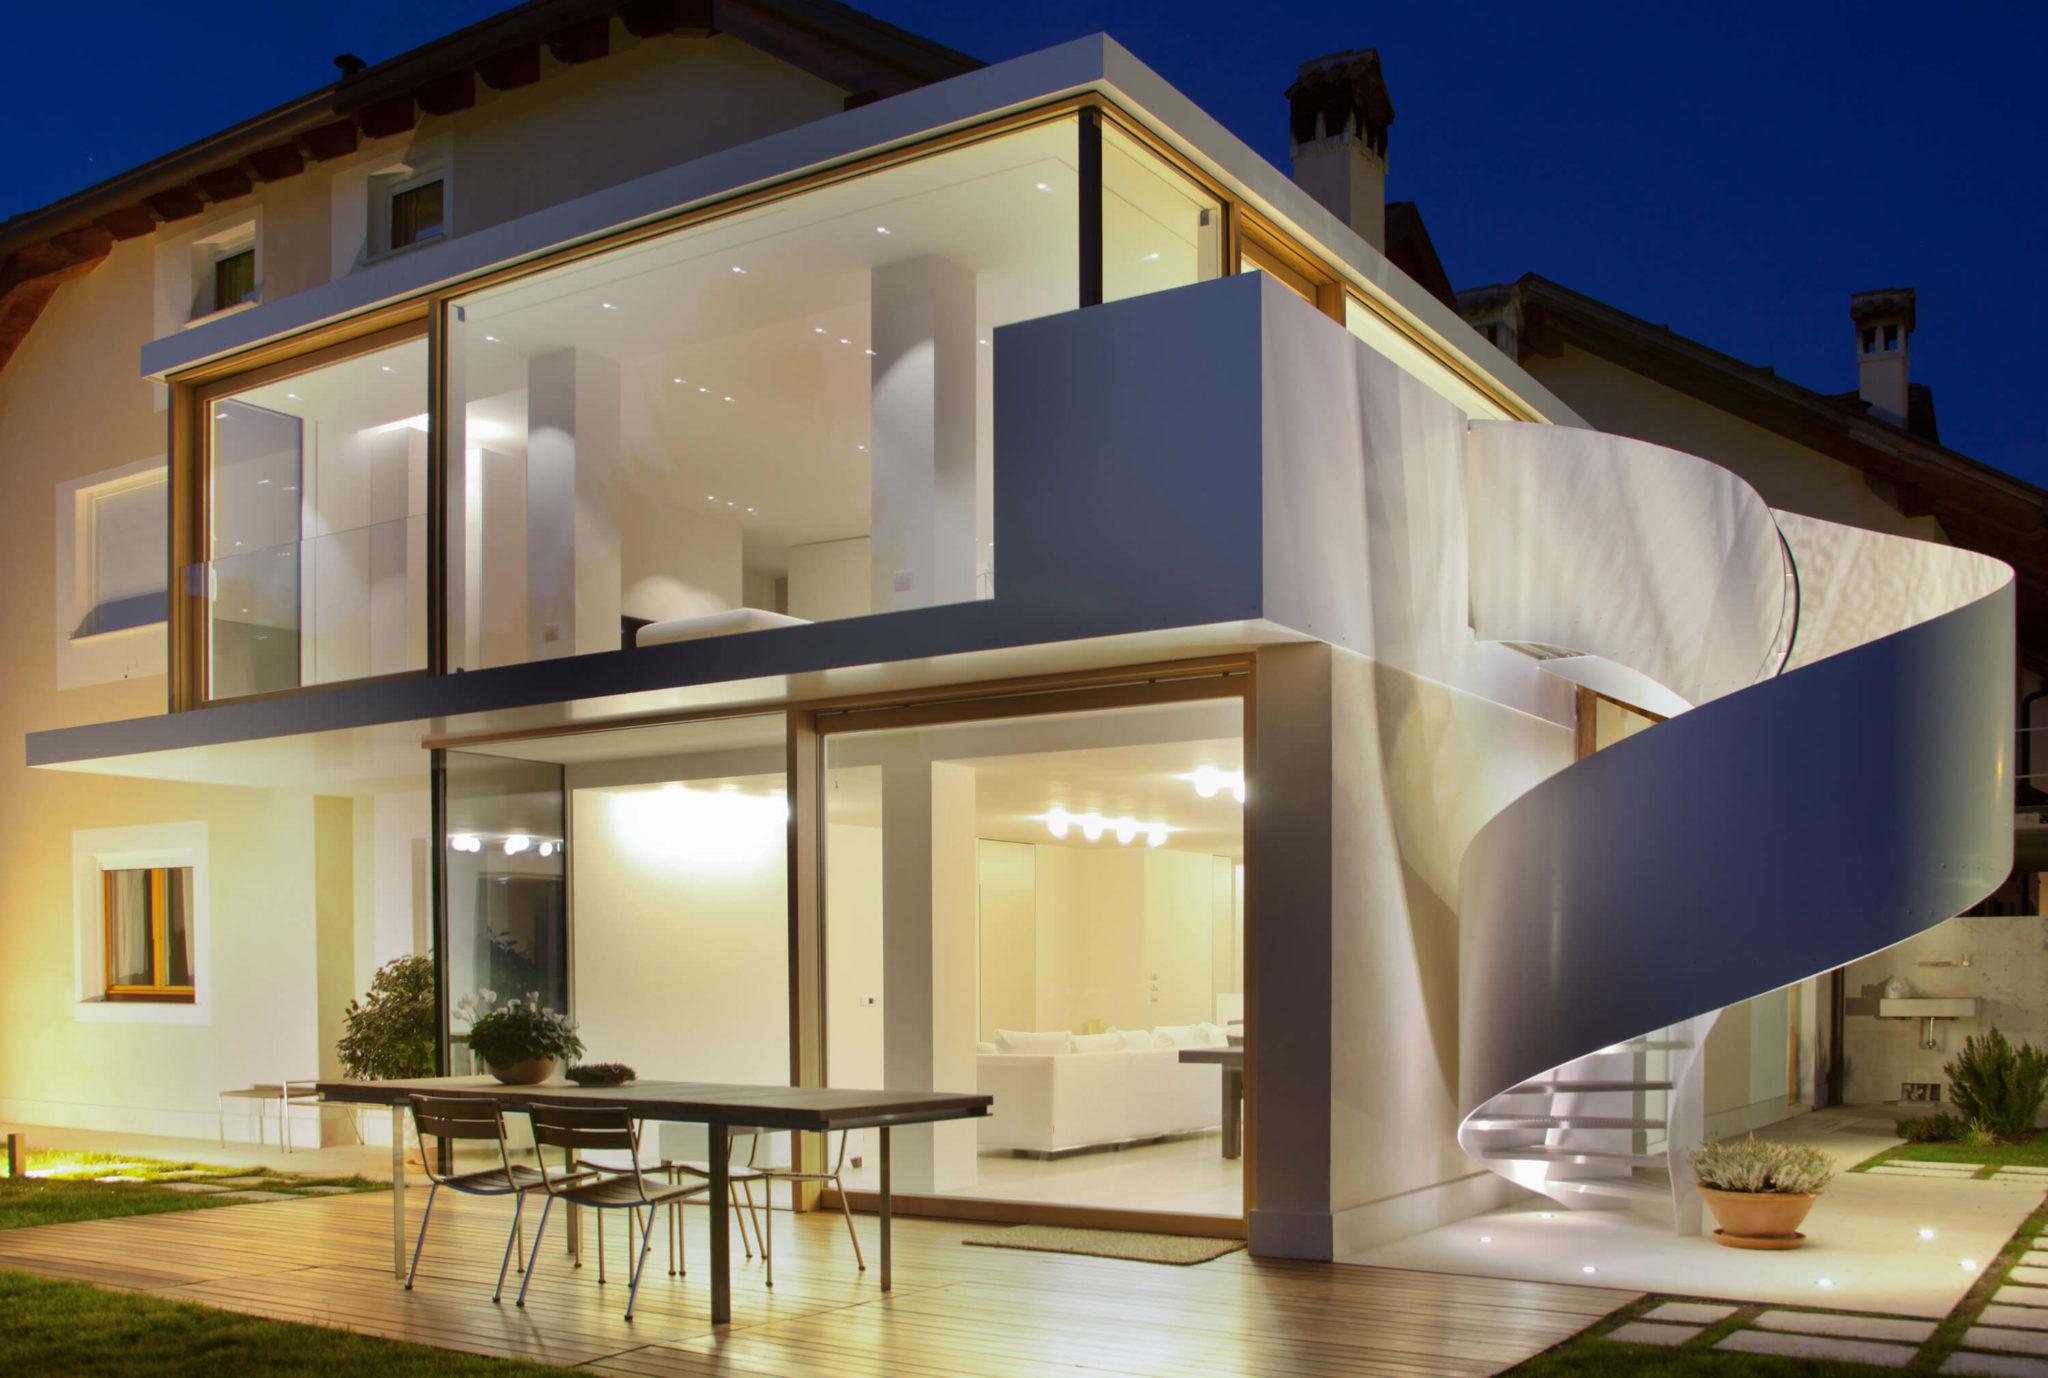 Casa e illuminazione illuminare casa senza ladari a for Illuminazione casa design